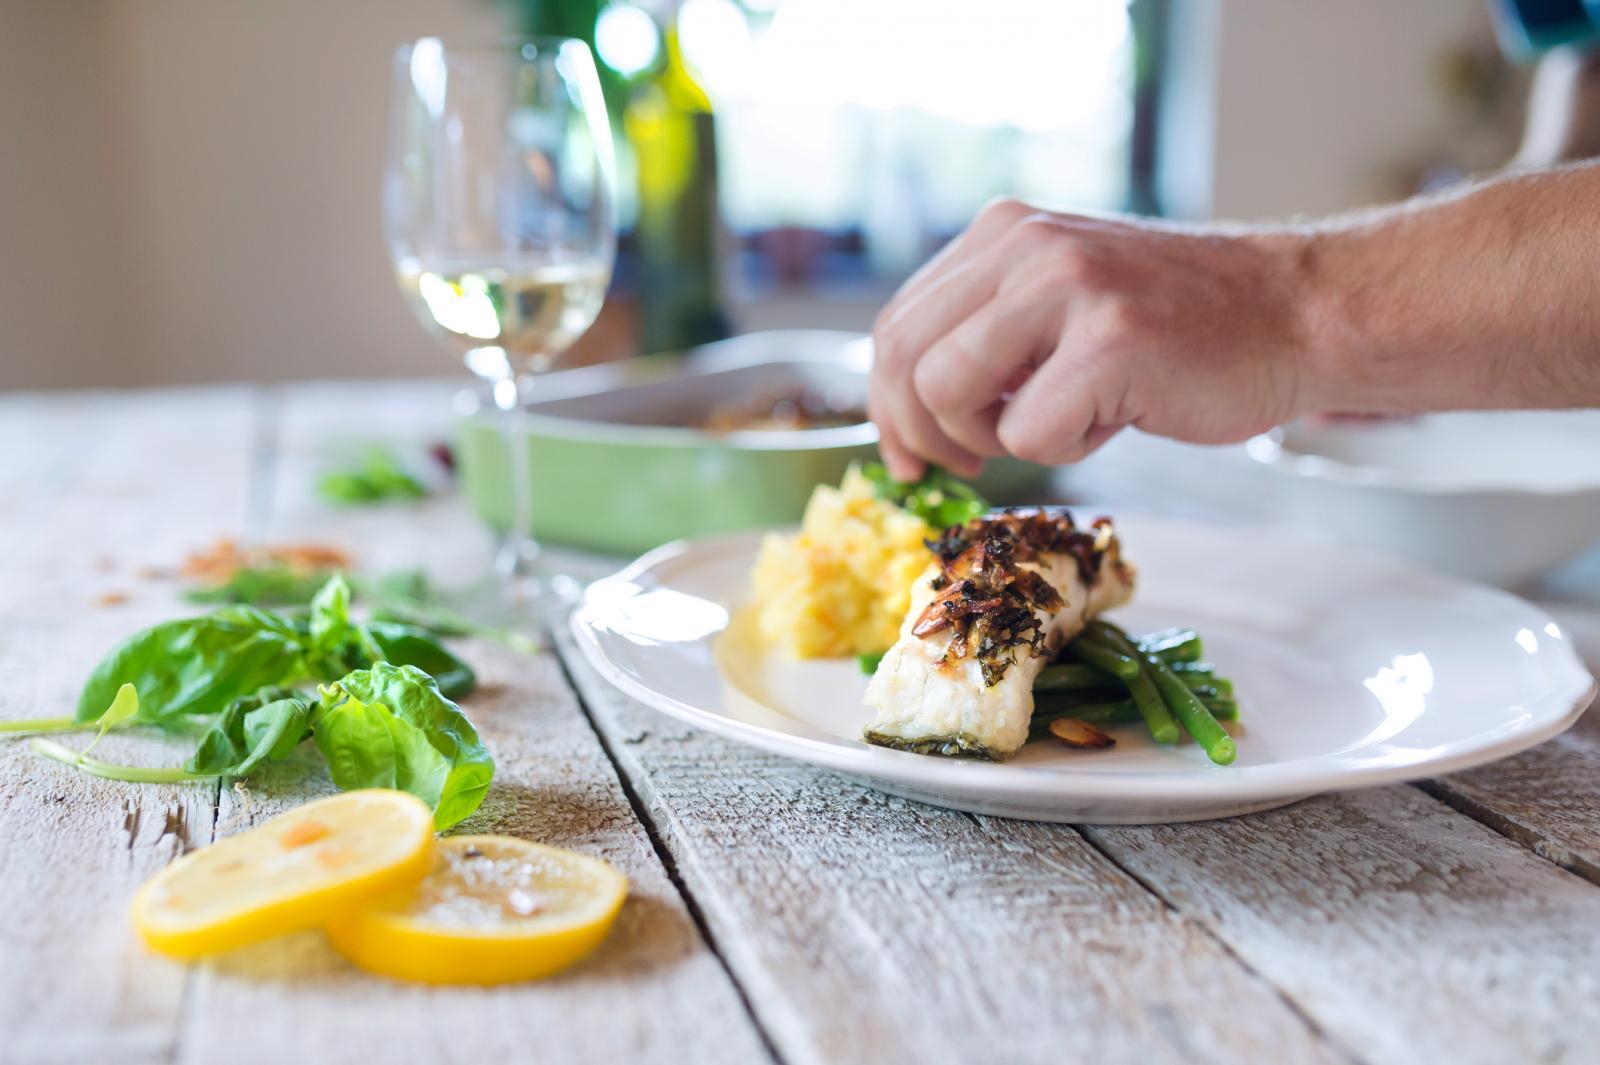 Za agrume čiju ćete koricu koristiti u jelima morate biti sigurni da nisu prskani jer se najviše pesticida nalazi upravo u korici.